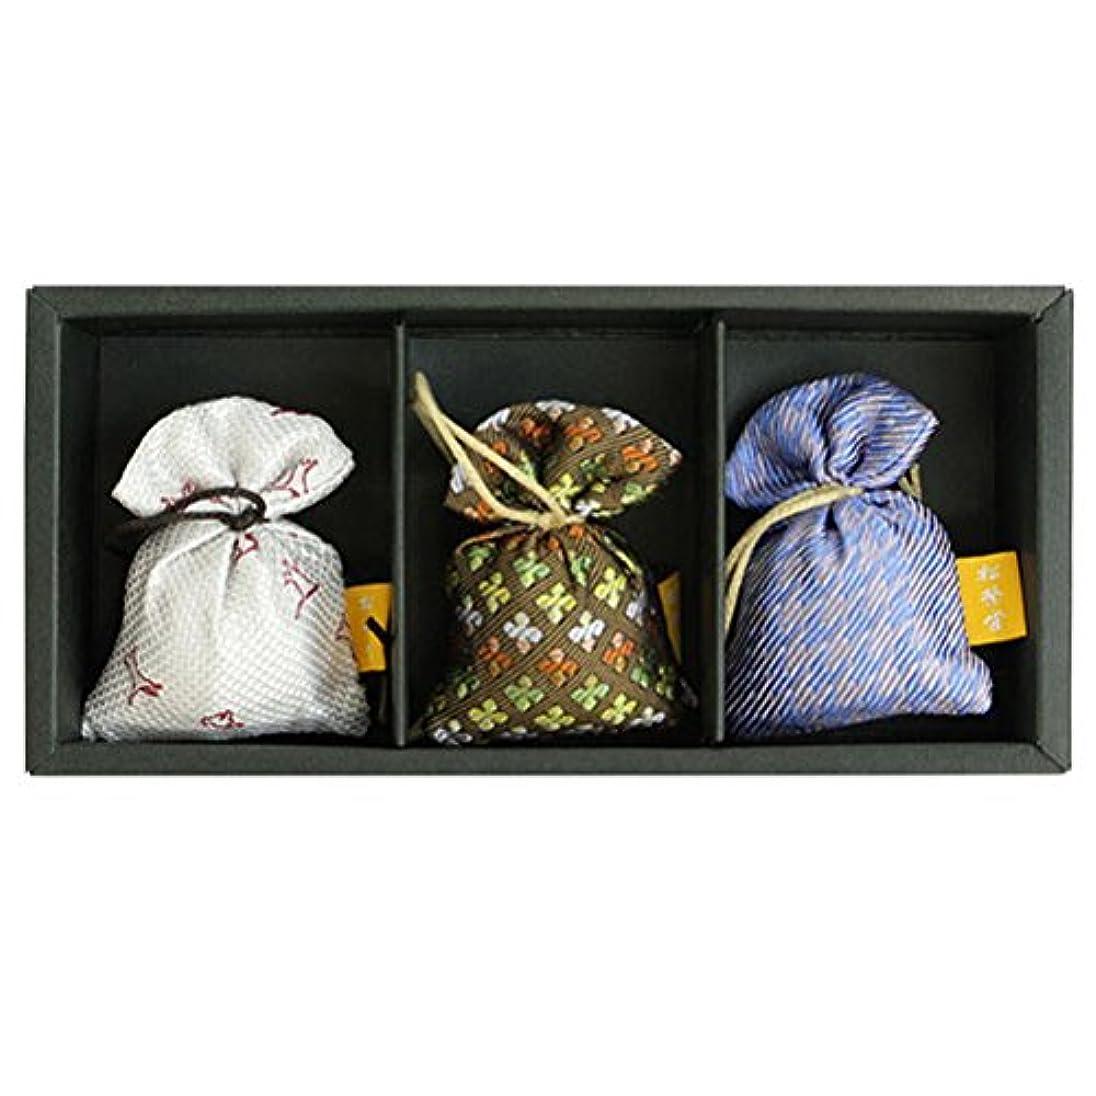 くすぐったい話をする必要としている匂い袋 誰が袖 薫 かおる 3個入 松栄堂 Shoyeido 本体長さ60mm (色?柄は選べません)